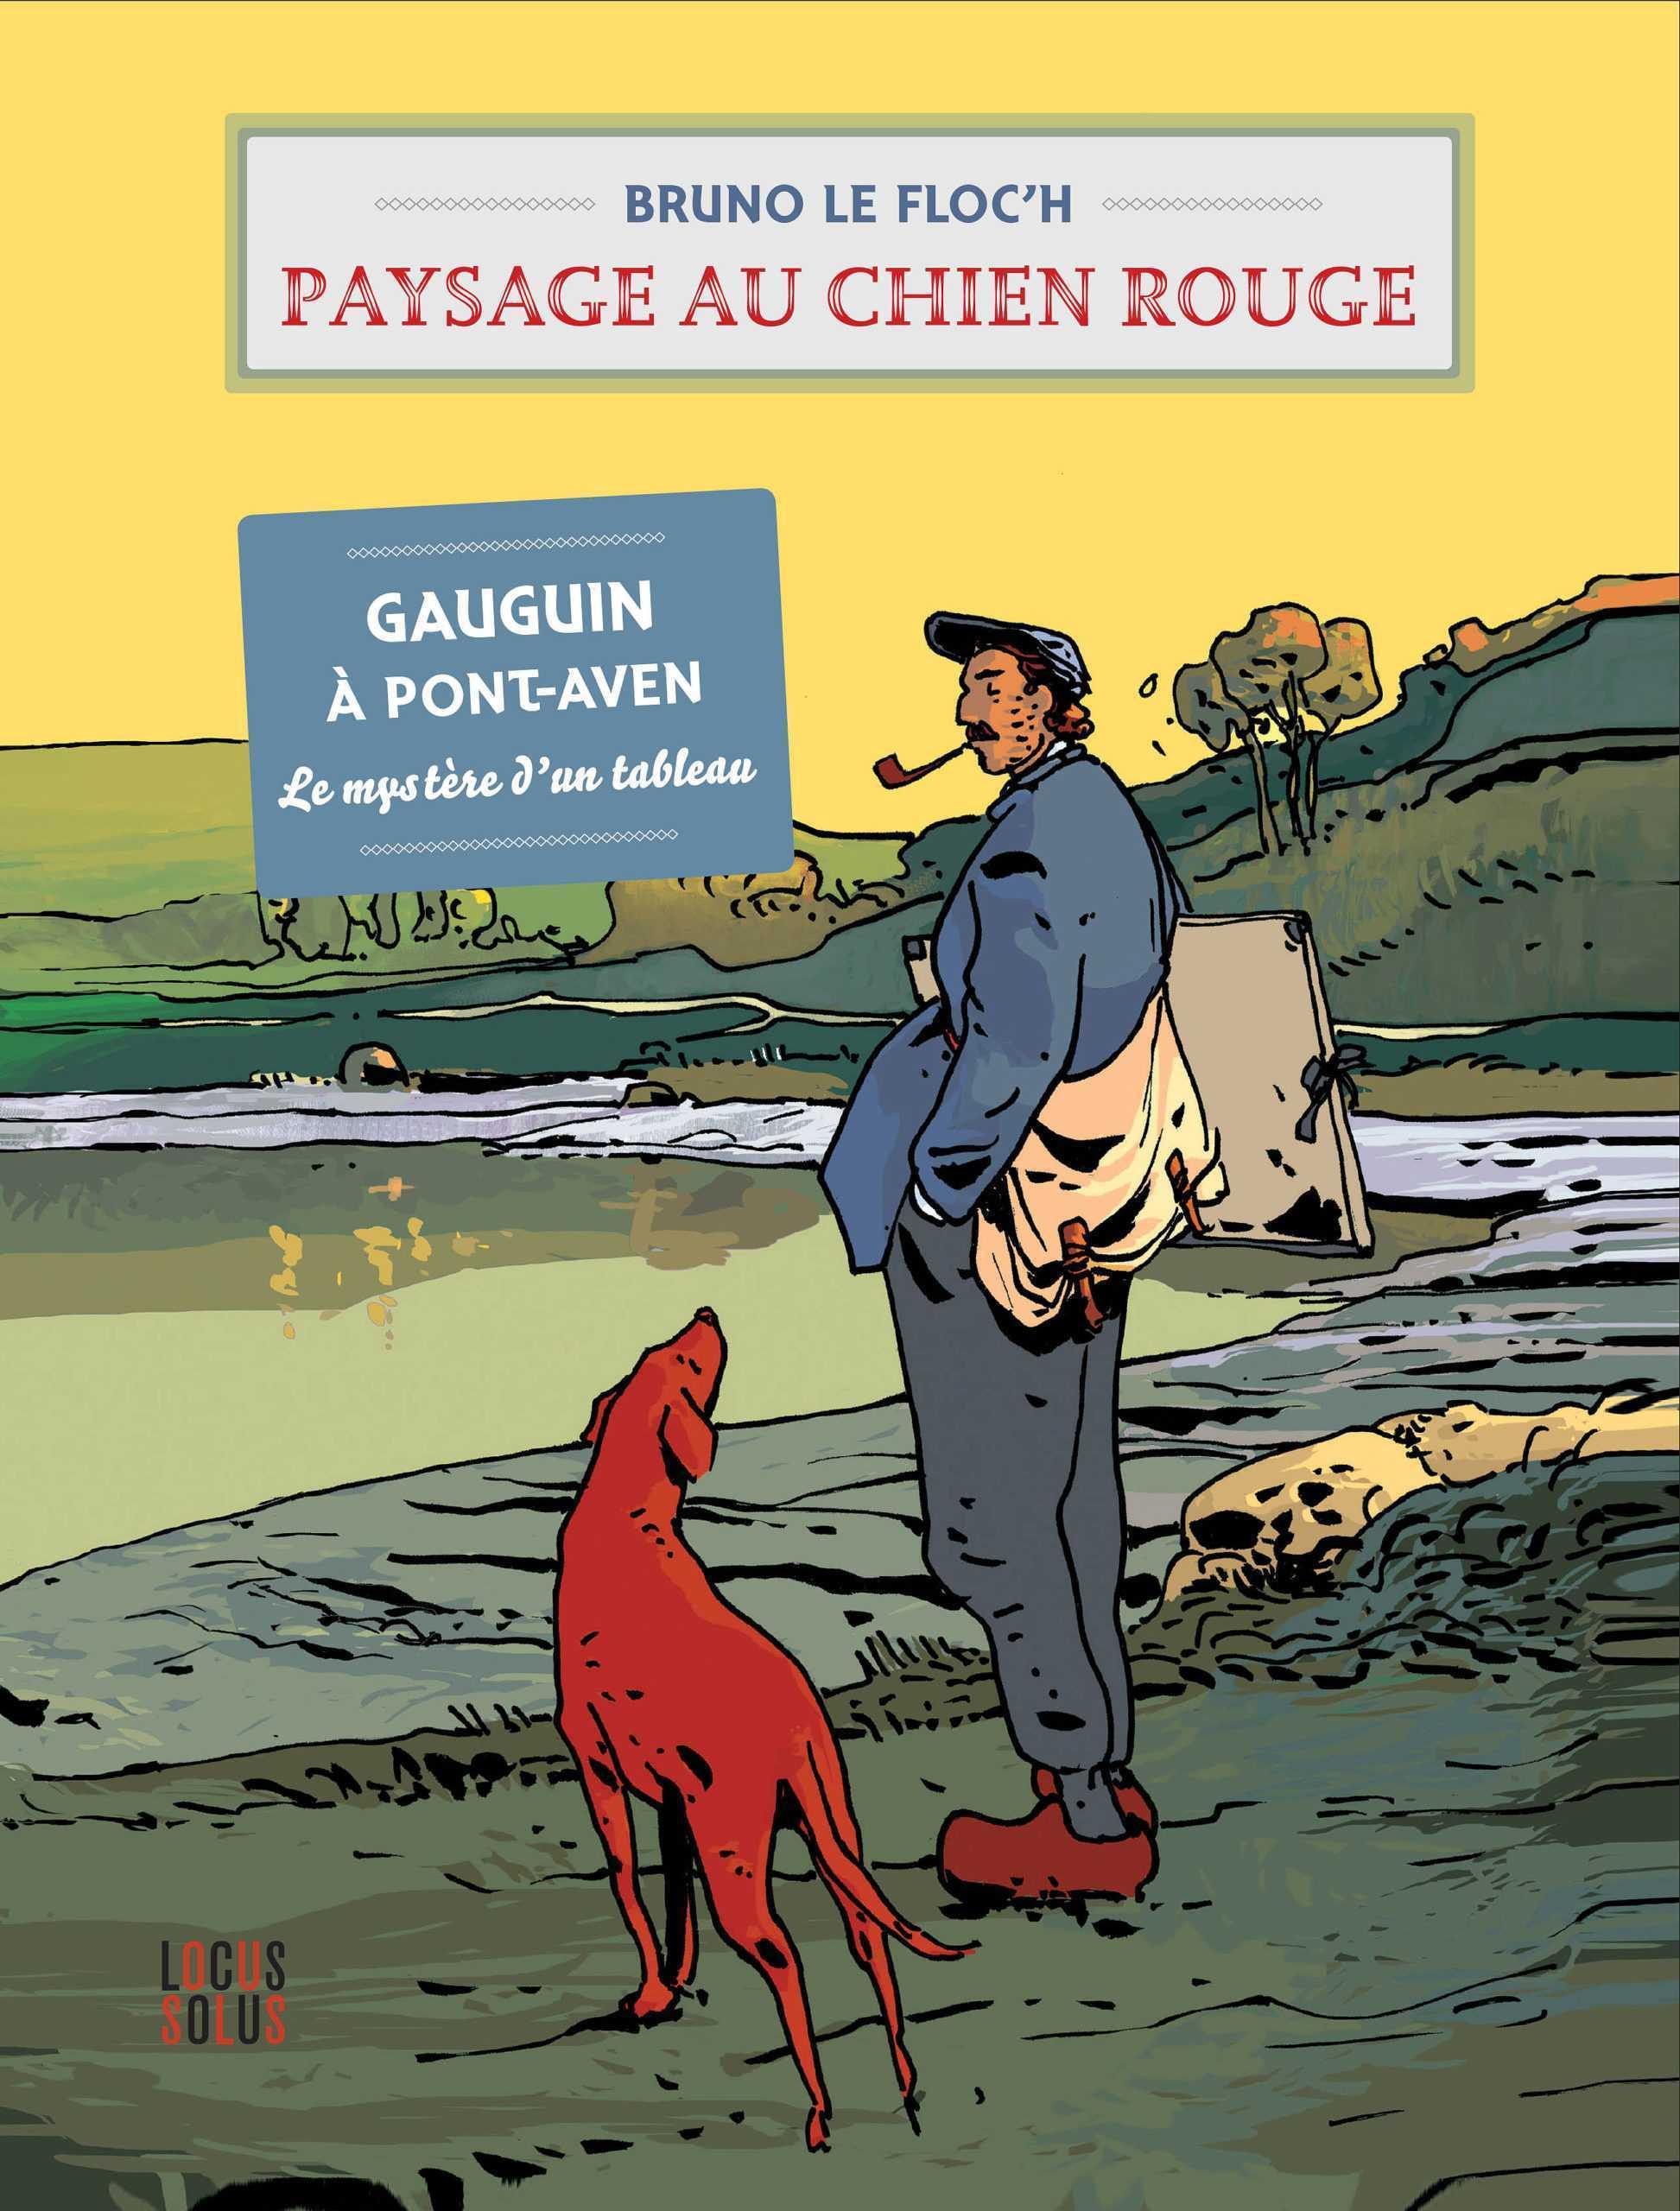 Paysage au chien rouge, le plaisir de retrouver Bruno Le Floc'h